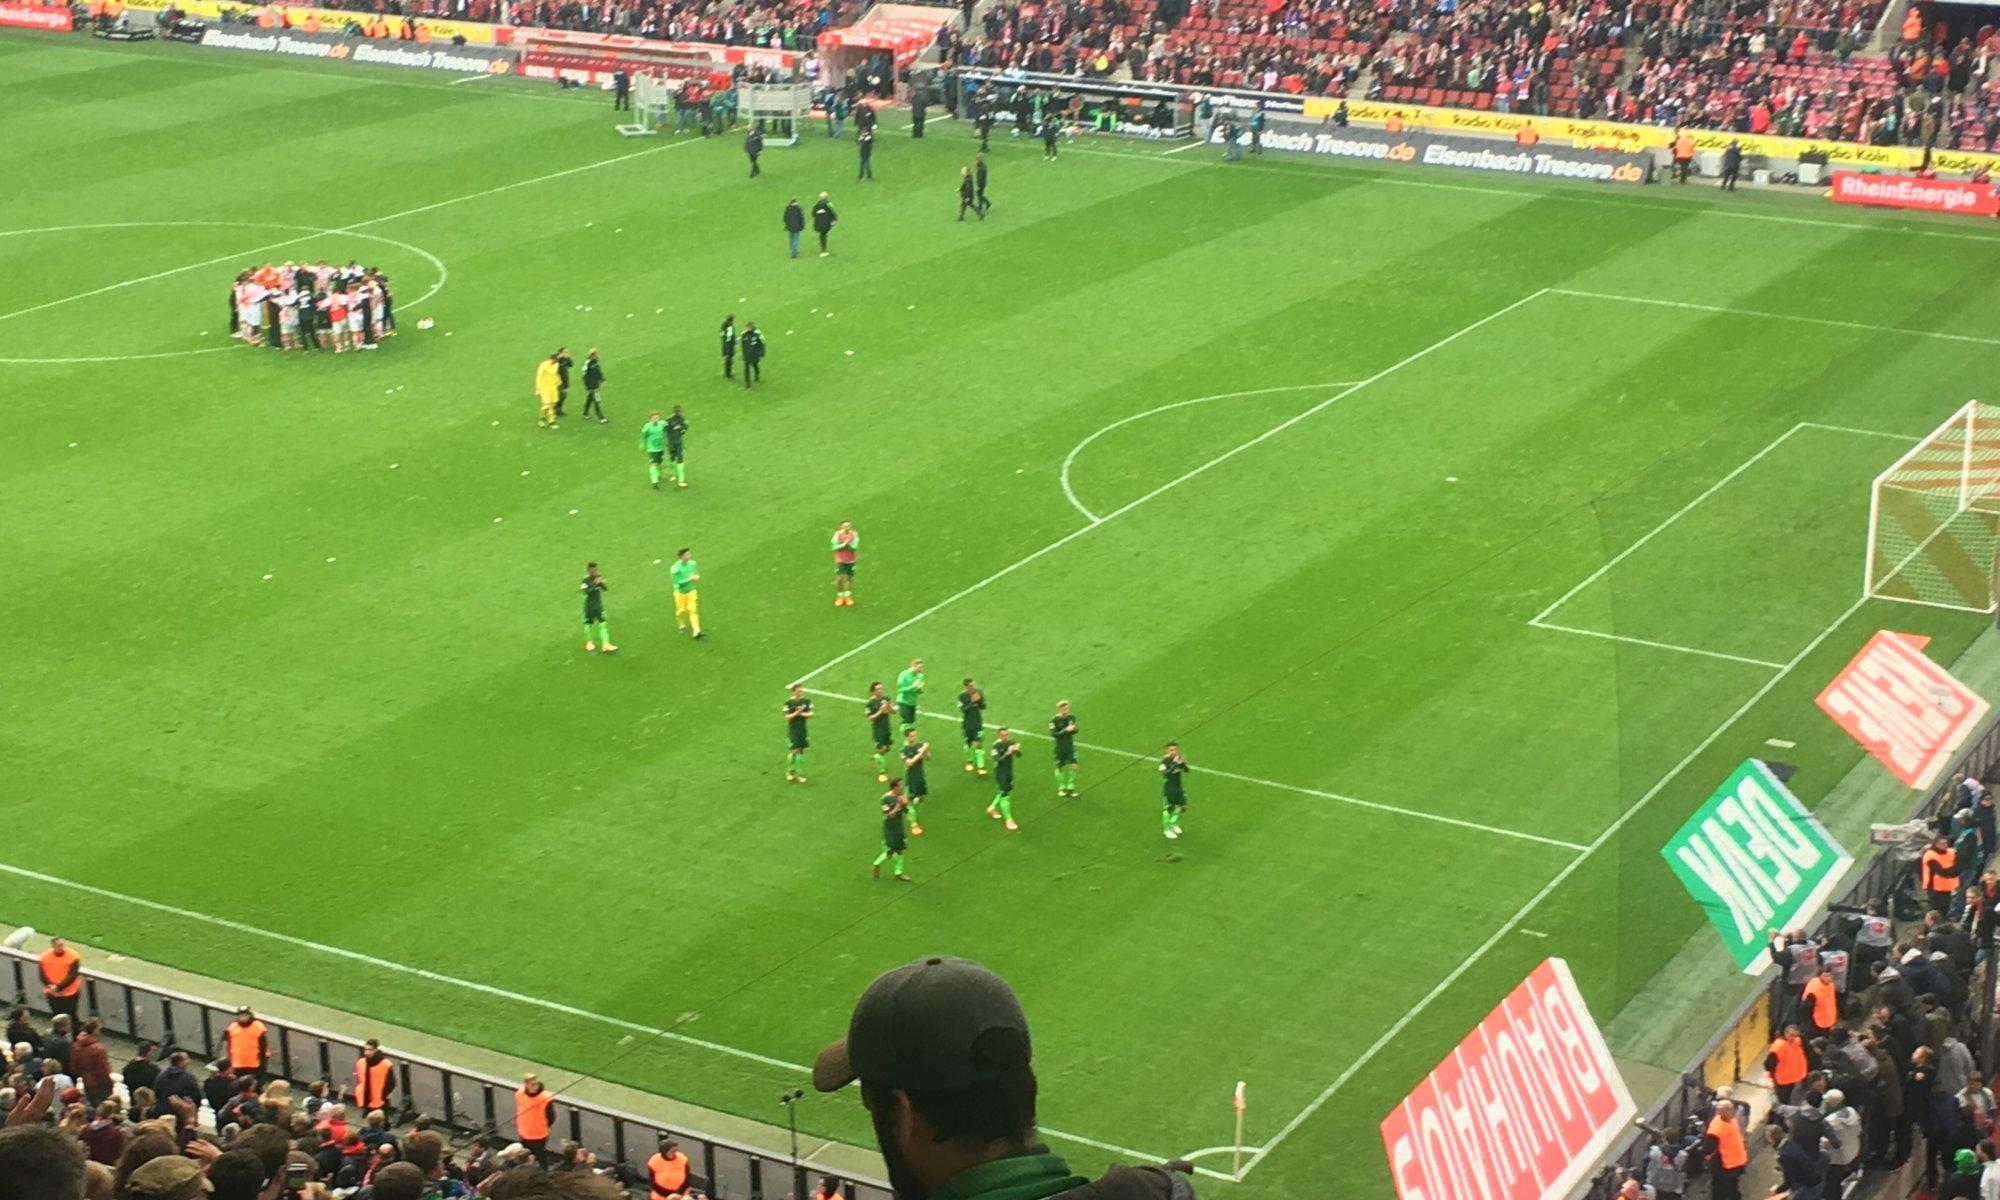 1. FC Köln - SV Werder Bremen, Müngersdorfer Stadion